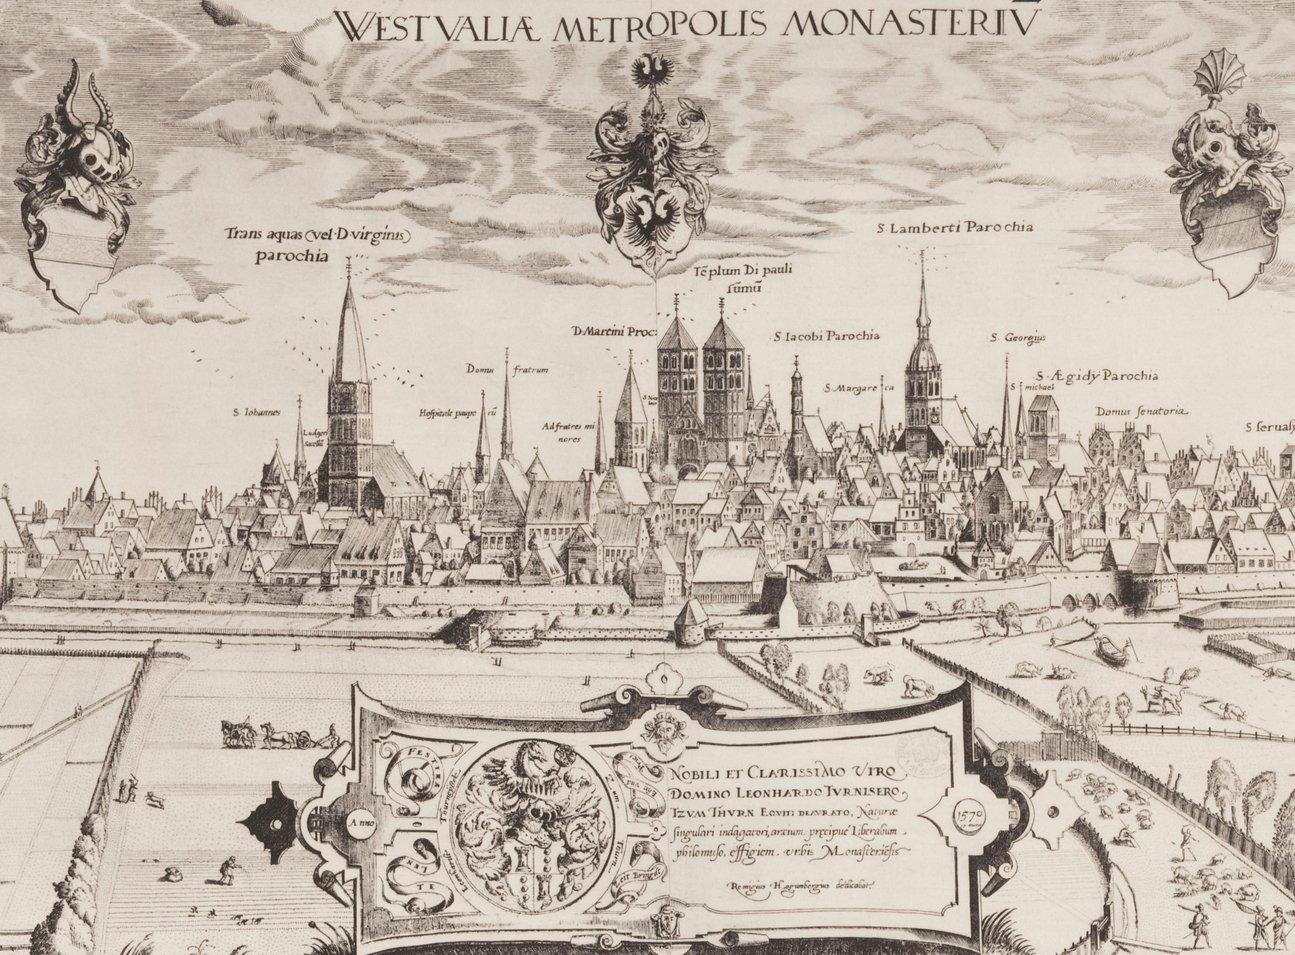 Abbildung: Ansicht der Stadt Münster. Heliogravüre nach dem Kupferstich von Remigius Hogenberg nach einer Zeichnung von Hermann tom Ring, Original 1570 Foto: Stadt Münster